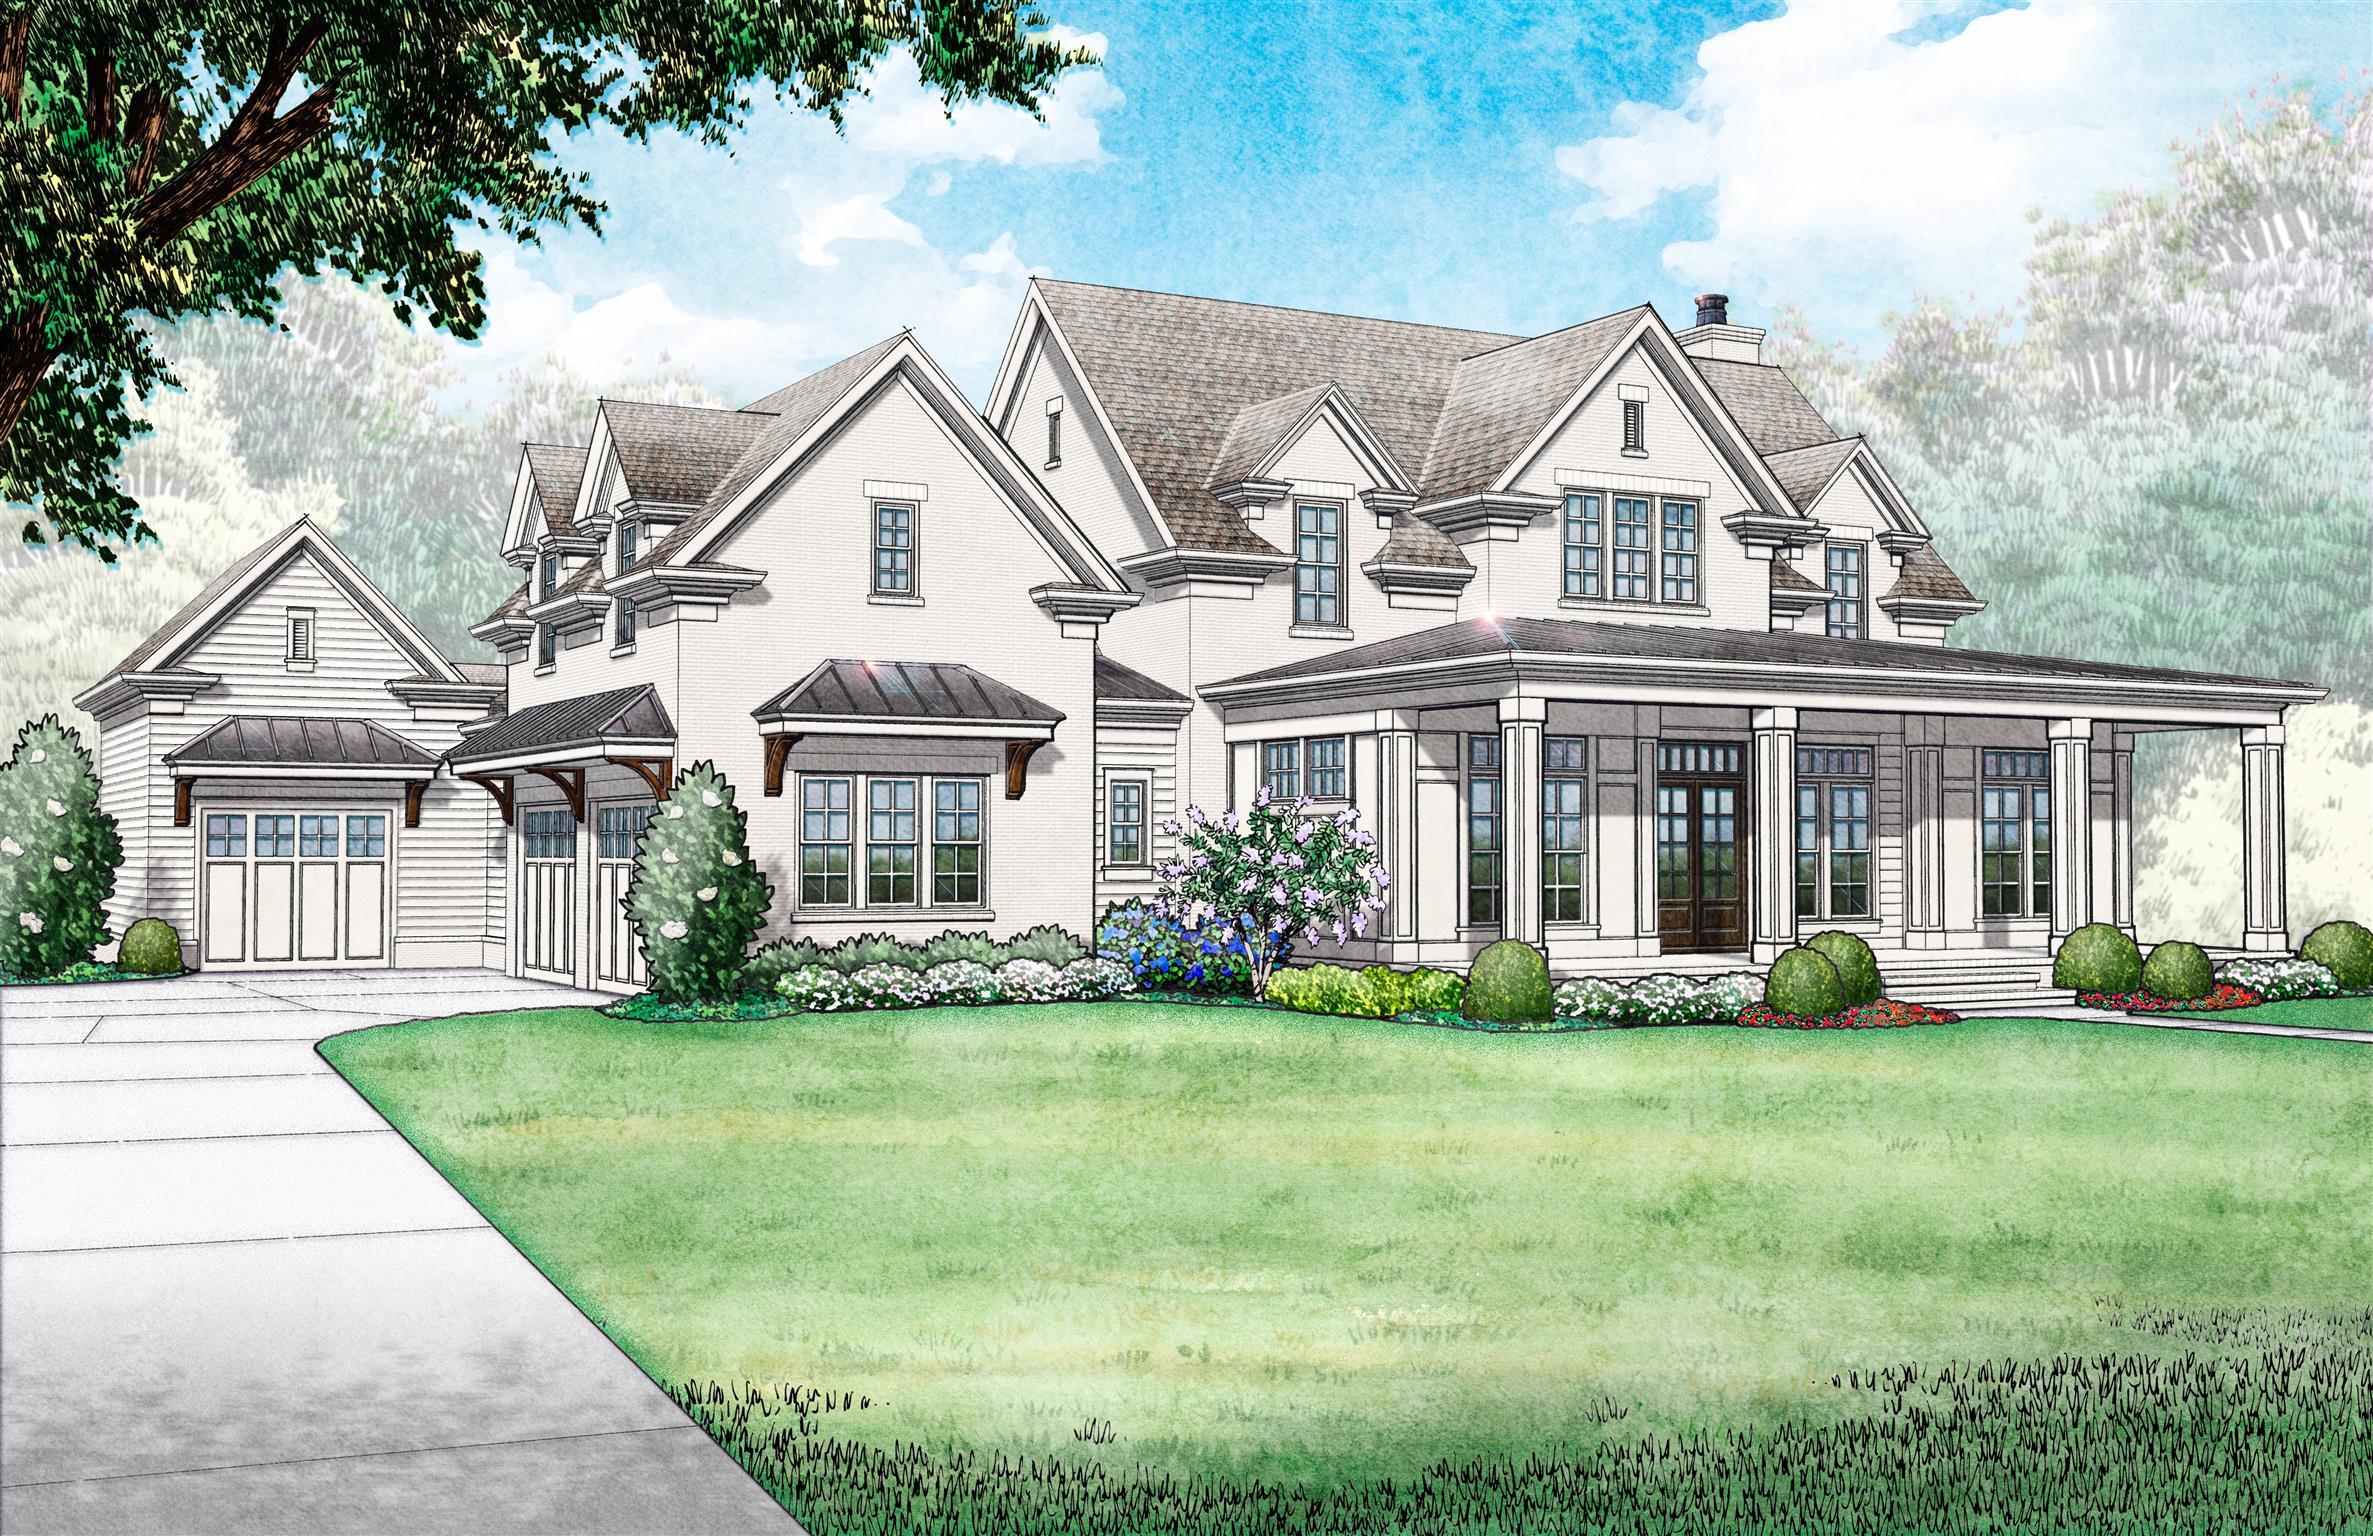 8629 Belladonna Dr (Lot 7031), College Grove, TN 37046 - College Grove, TN real estate listing